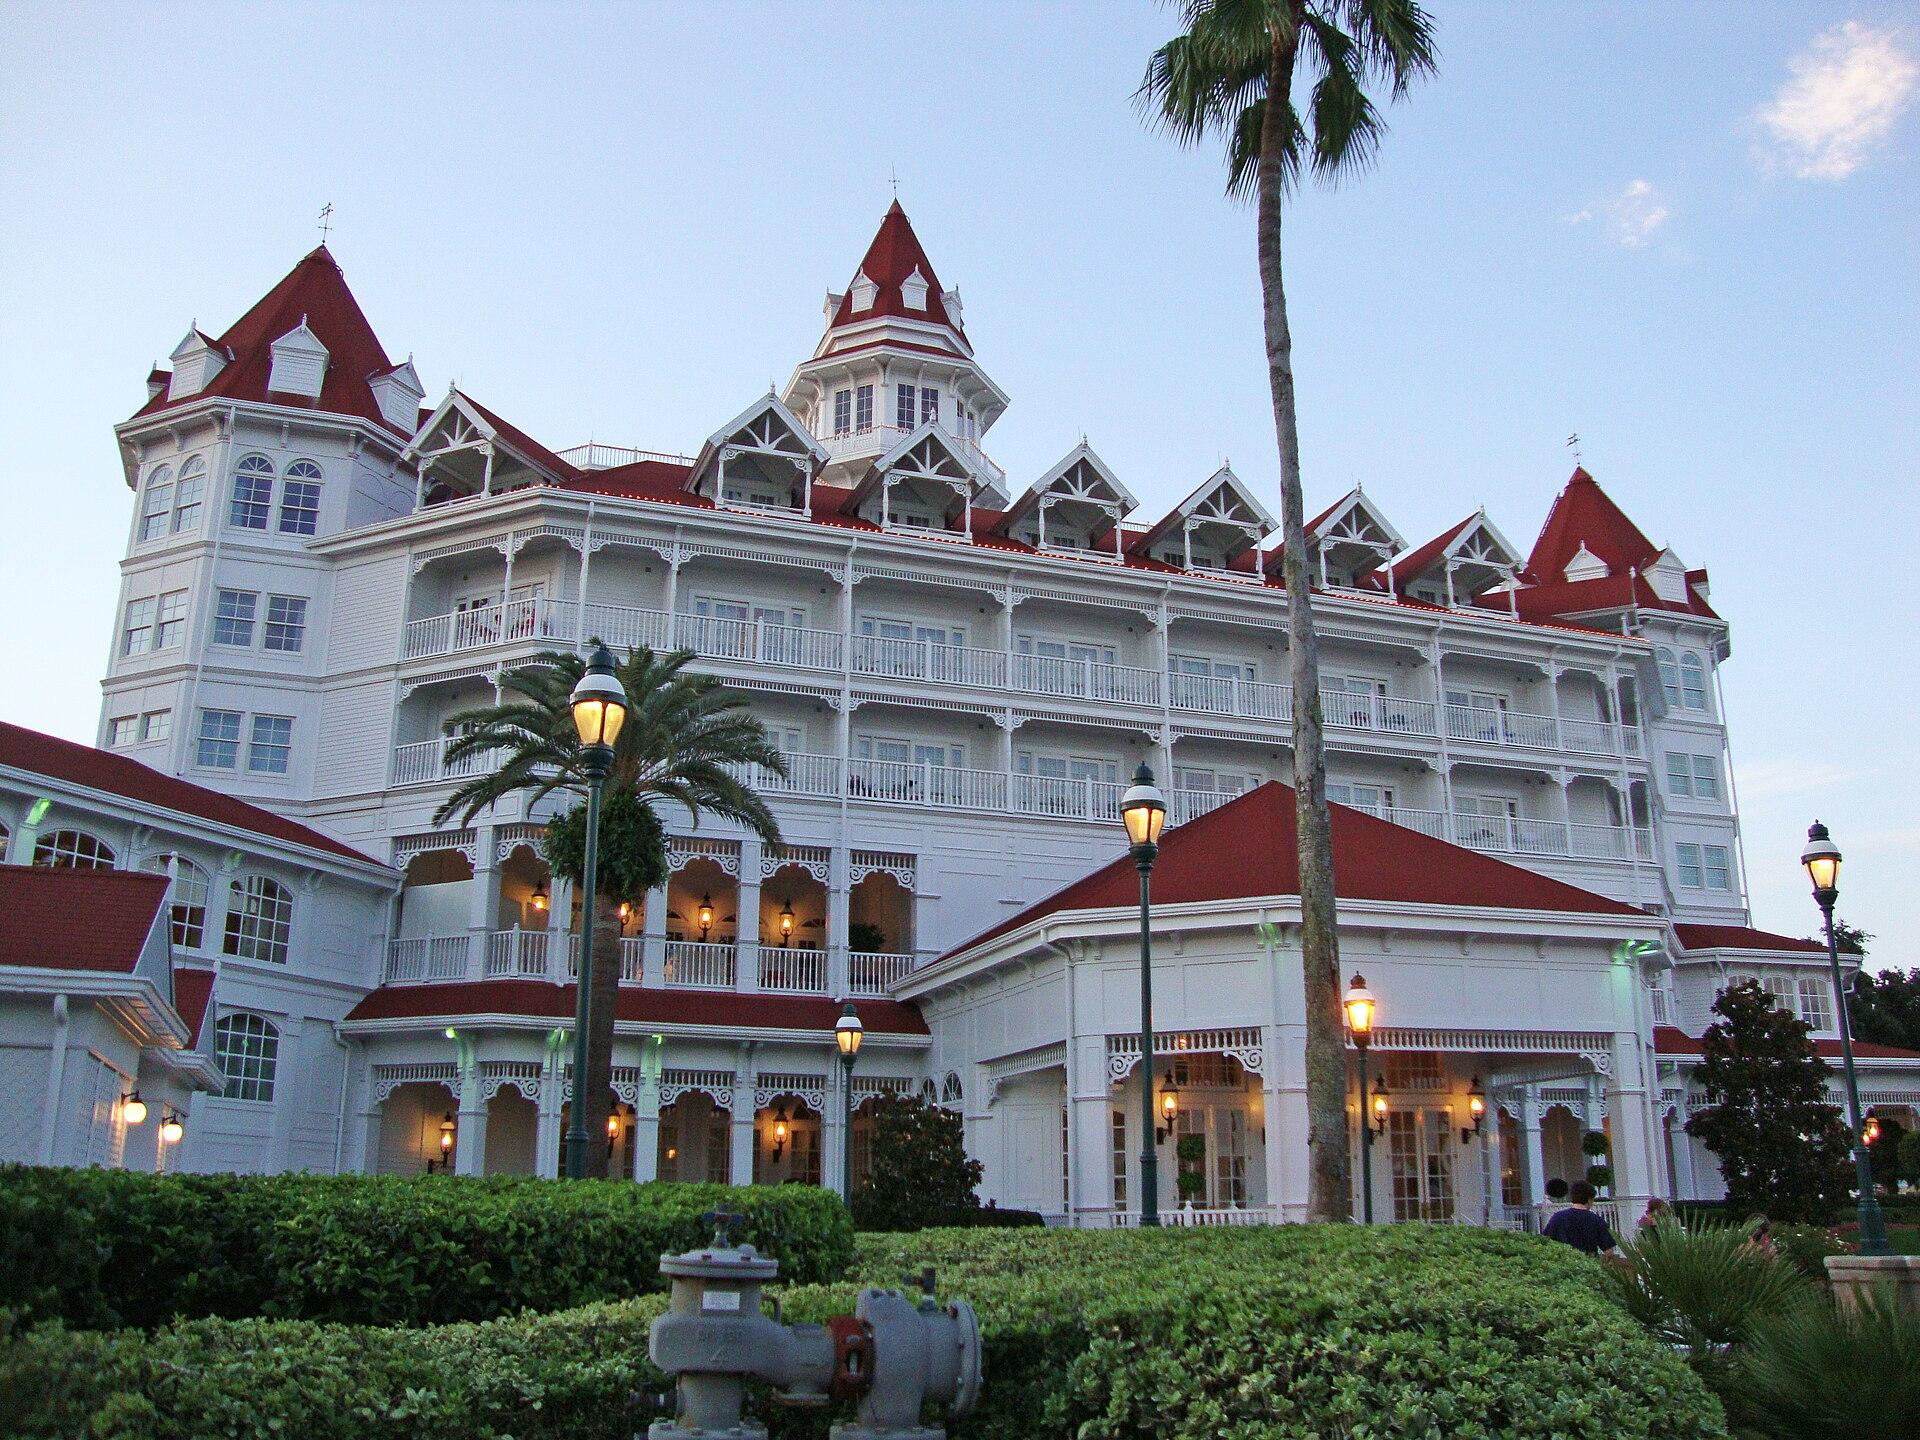 Green Springs Va Vacation Resort Williamsburg